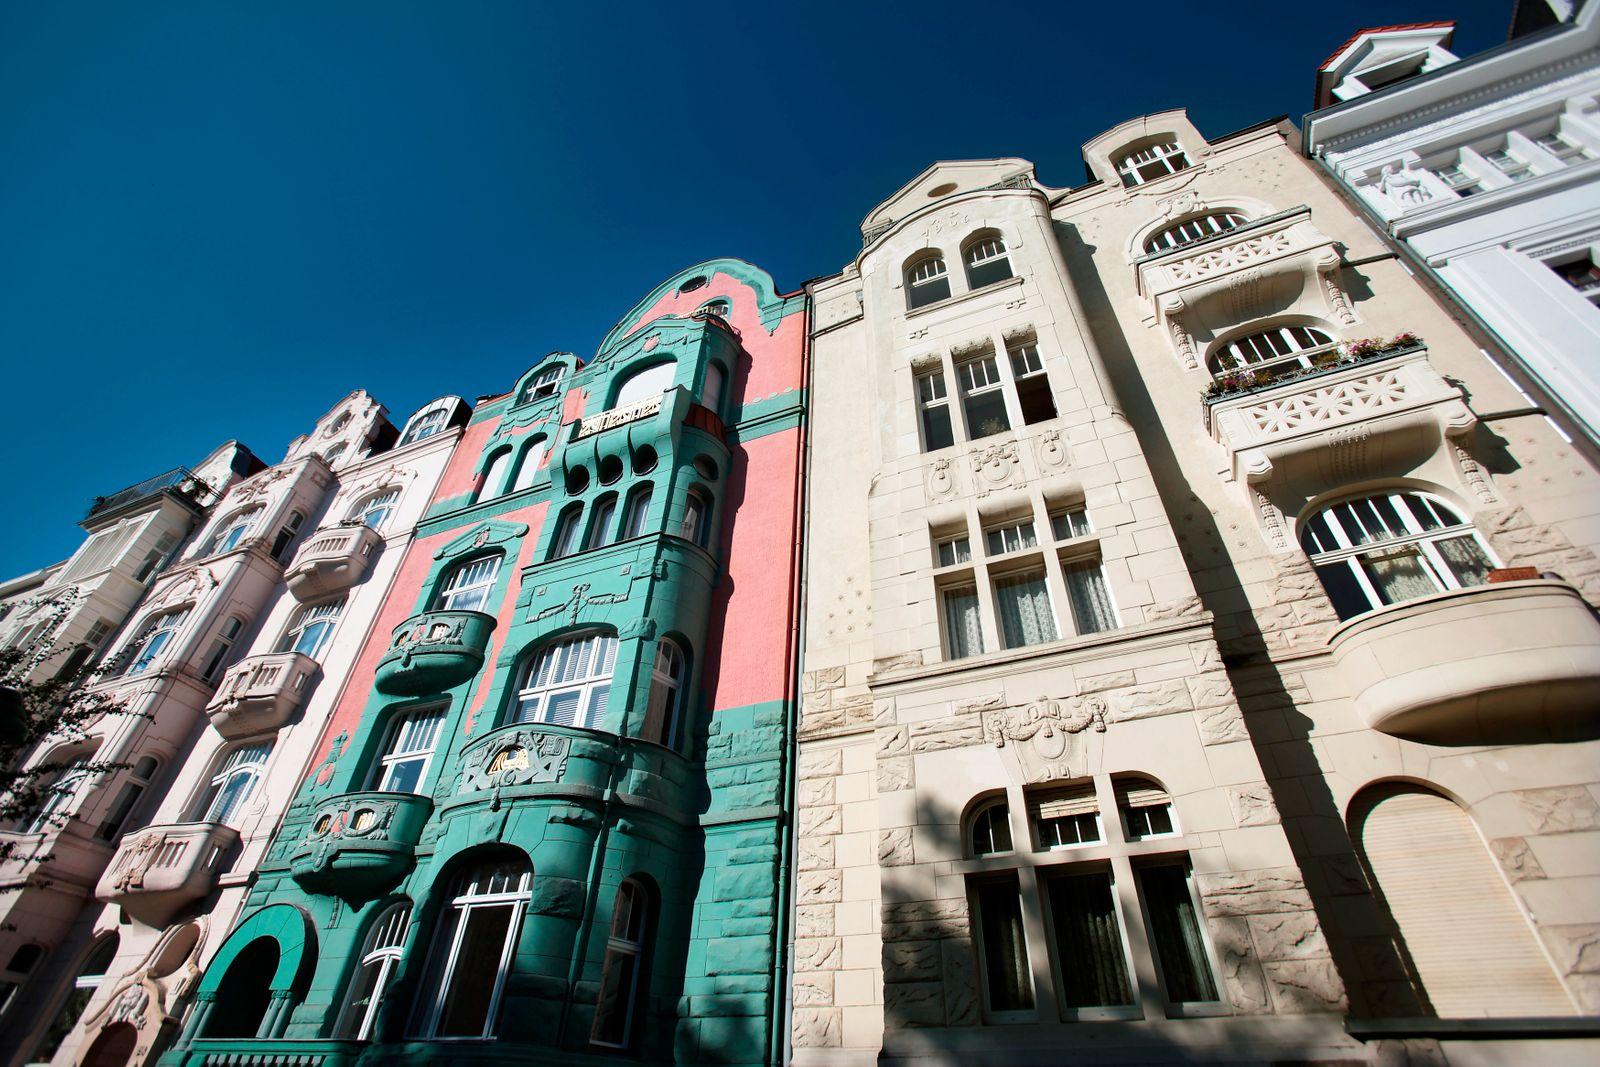 Mietwohnungen / Köln / Wohnungen / Wohnungsmarkt